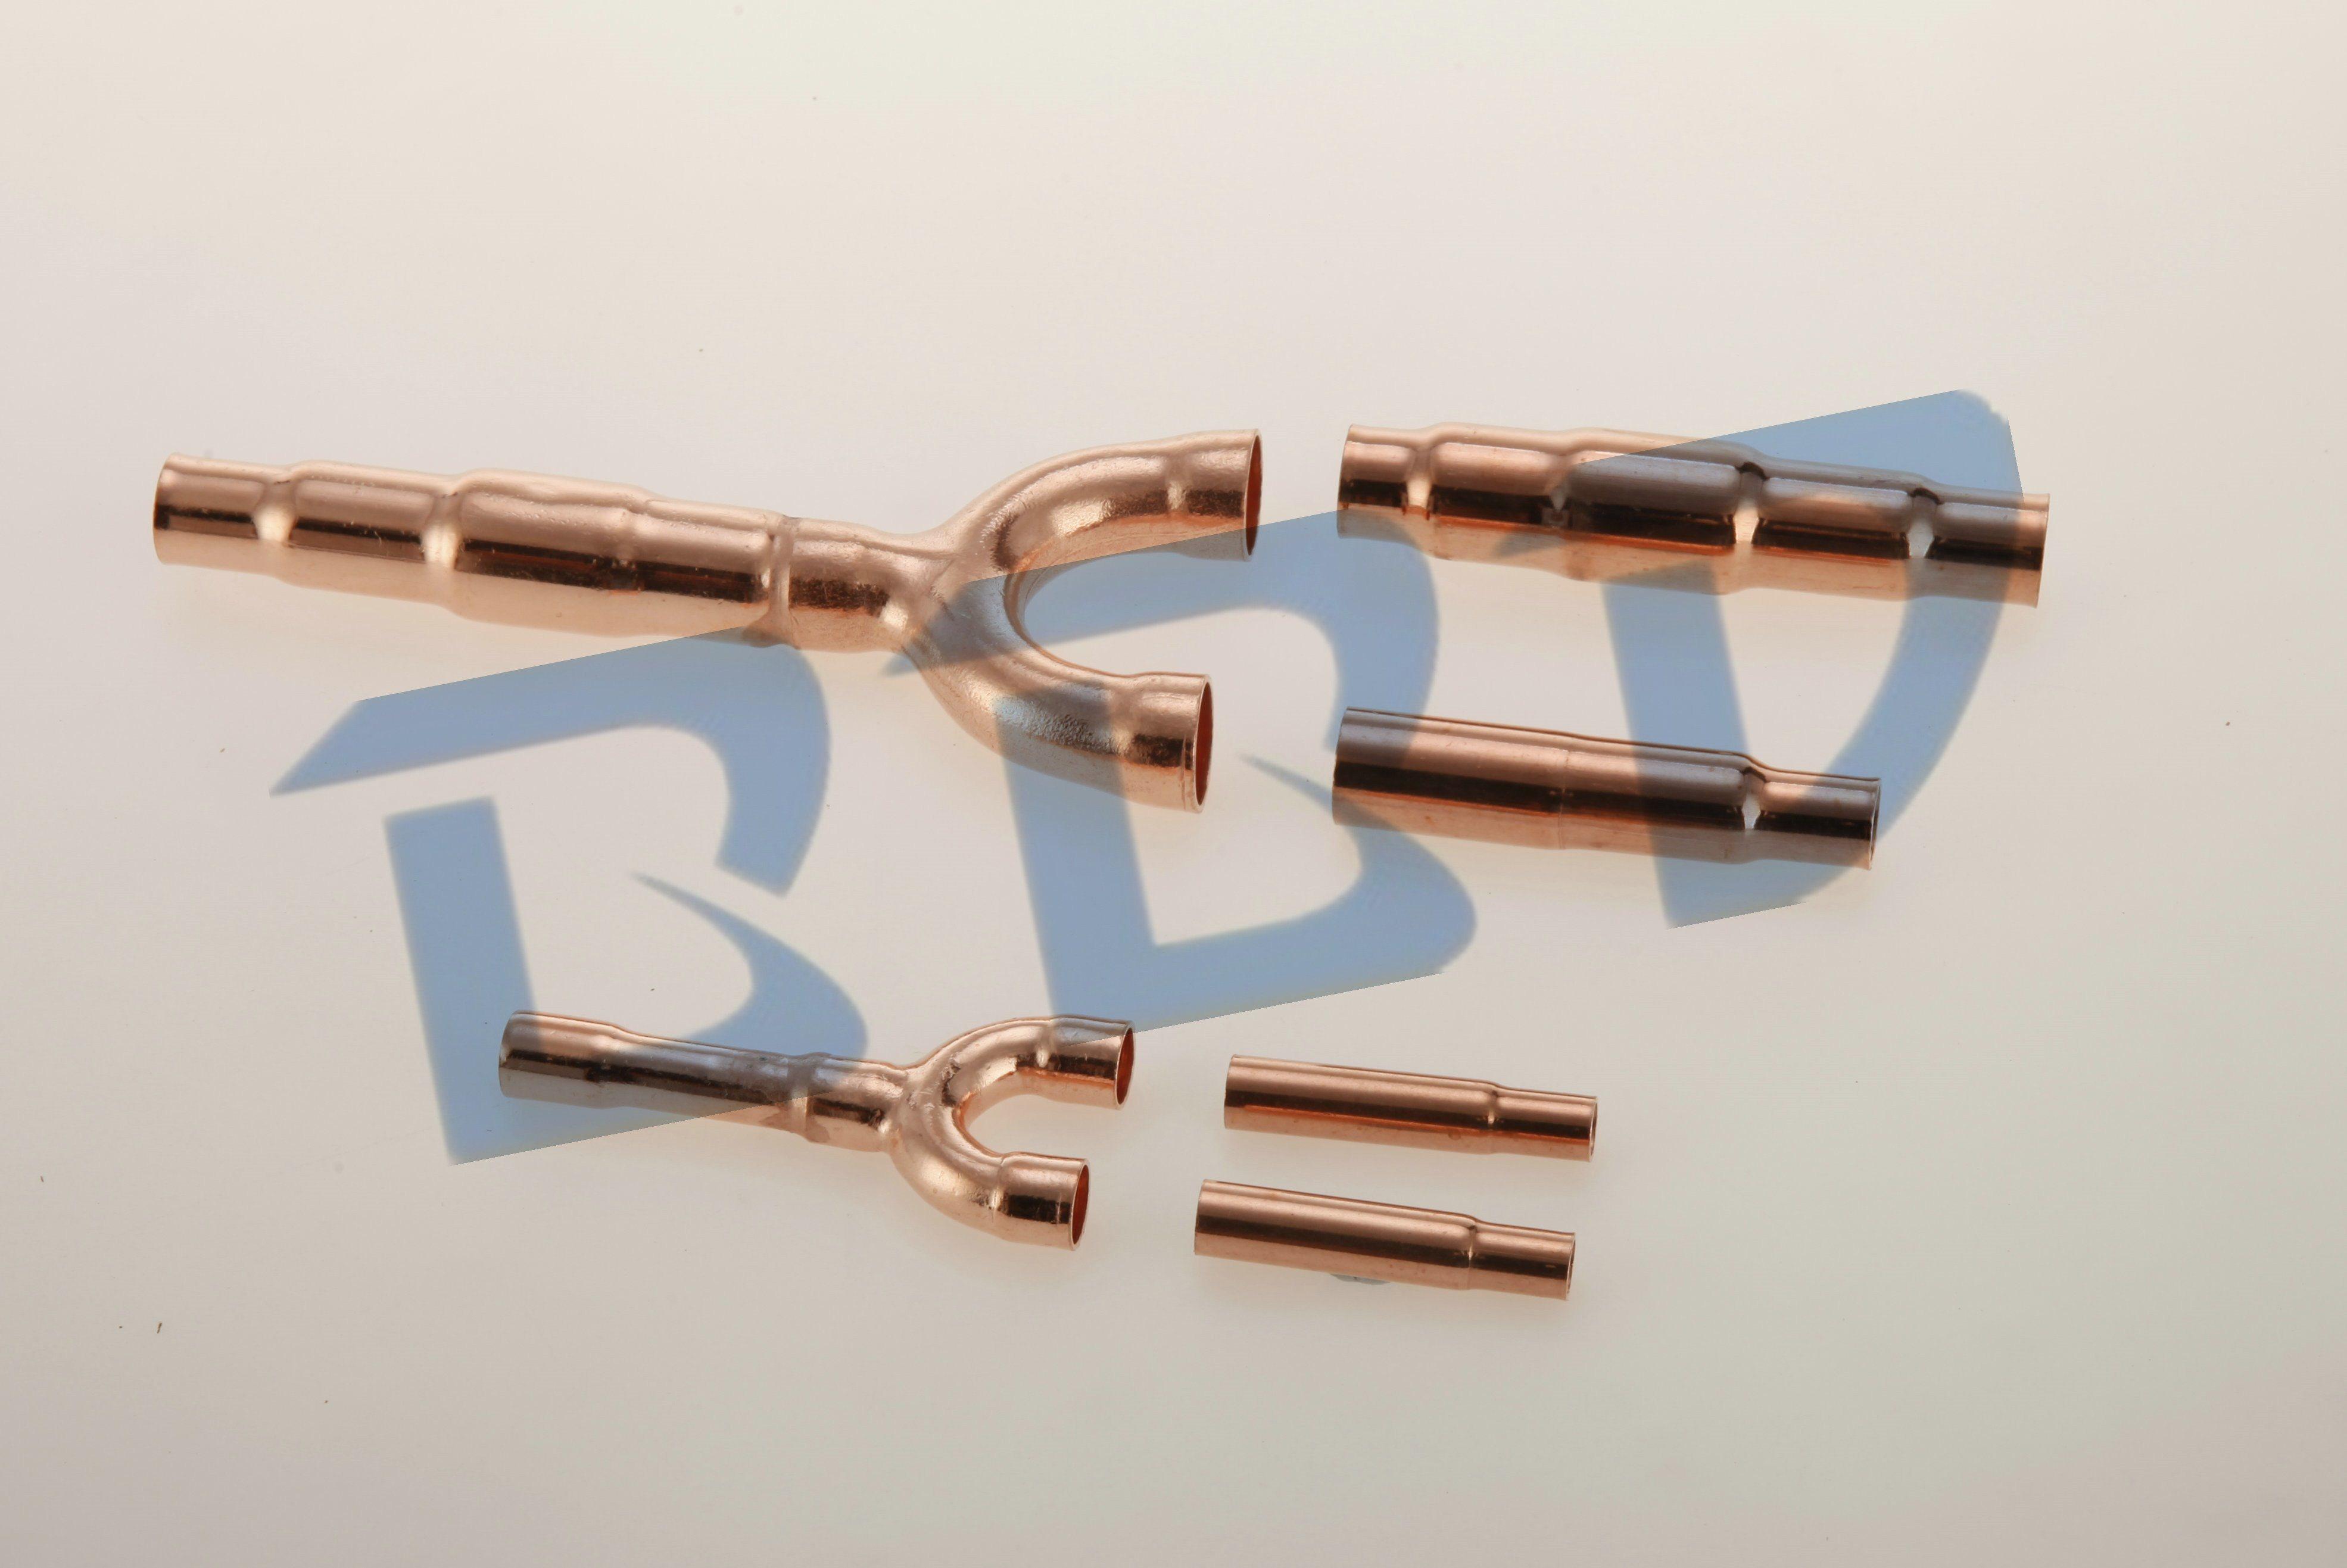 Vrv/Vrf Branch Pipe for Toshiba Rbm-By55e